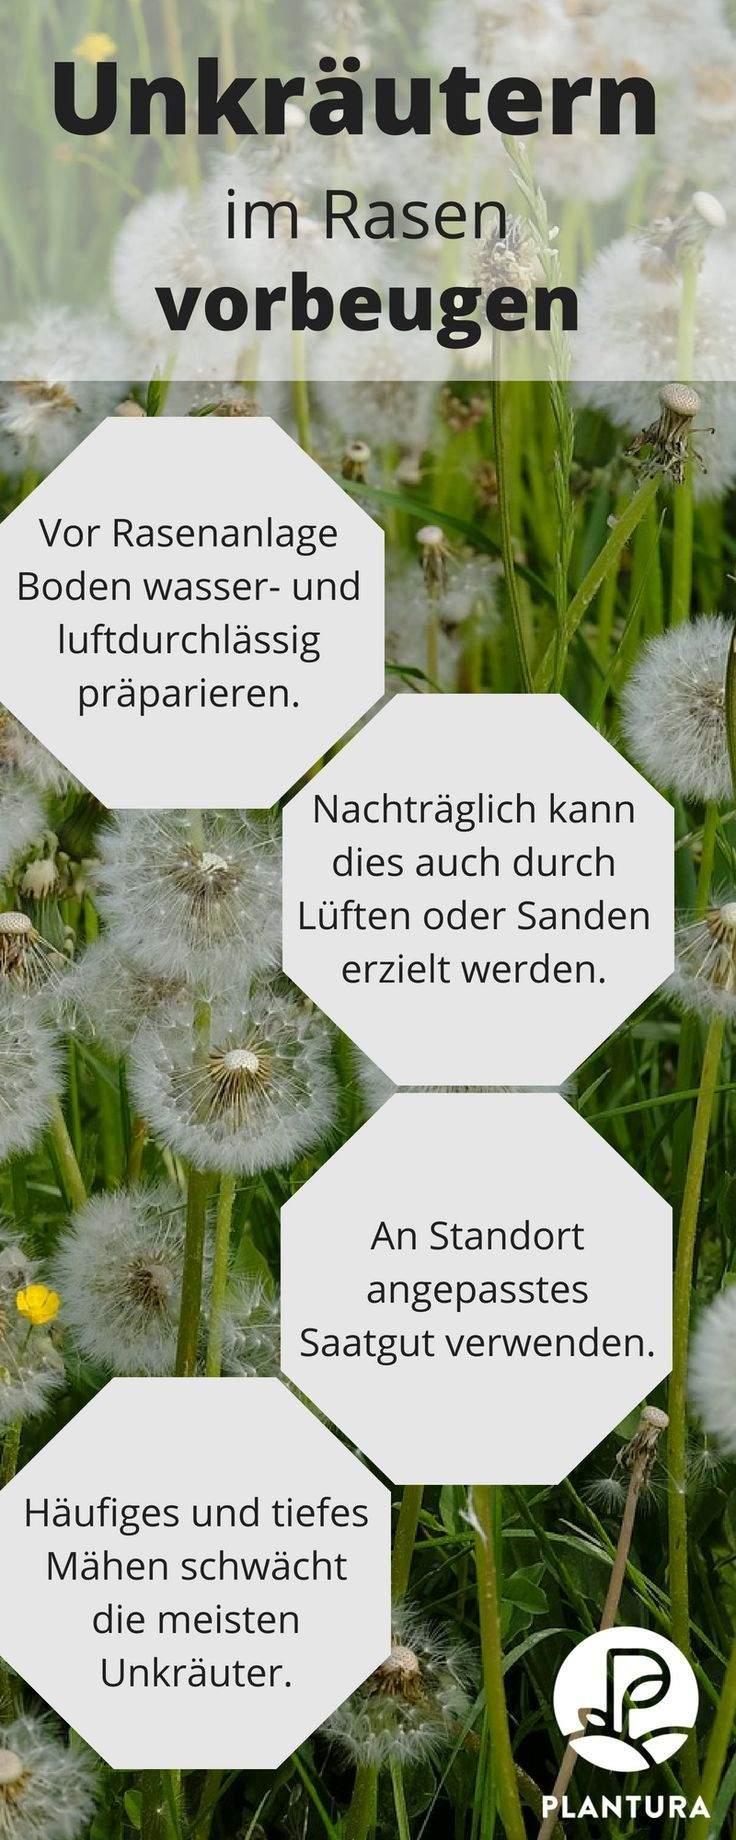 Unkraut Garten Frisch Unkraut Im Rasen Unkrautvernichter & Alternativen